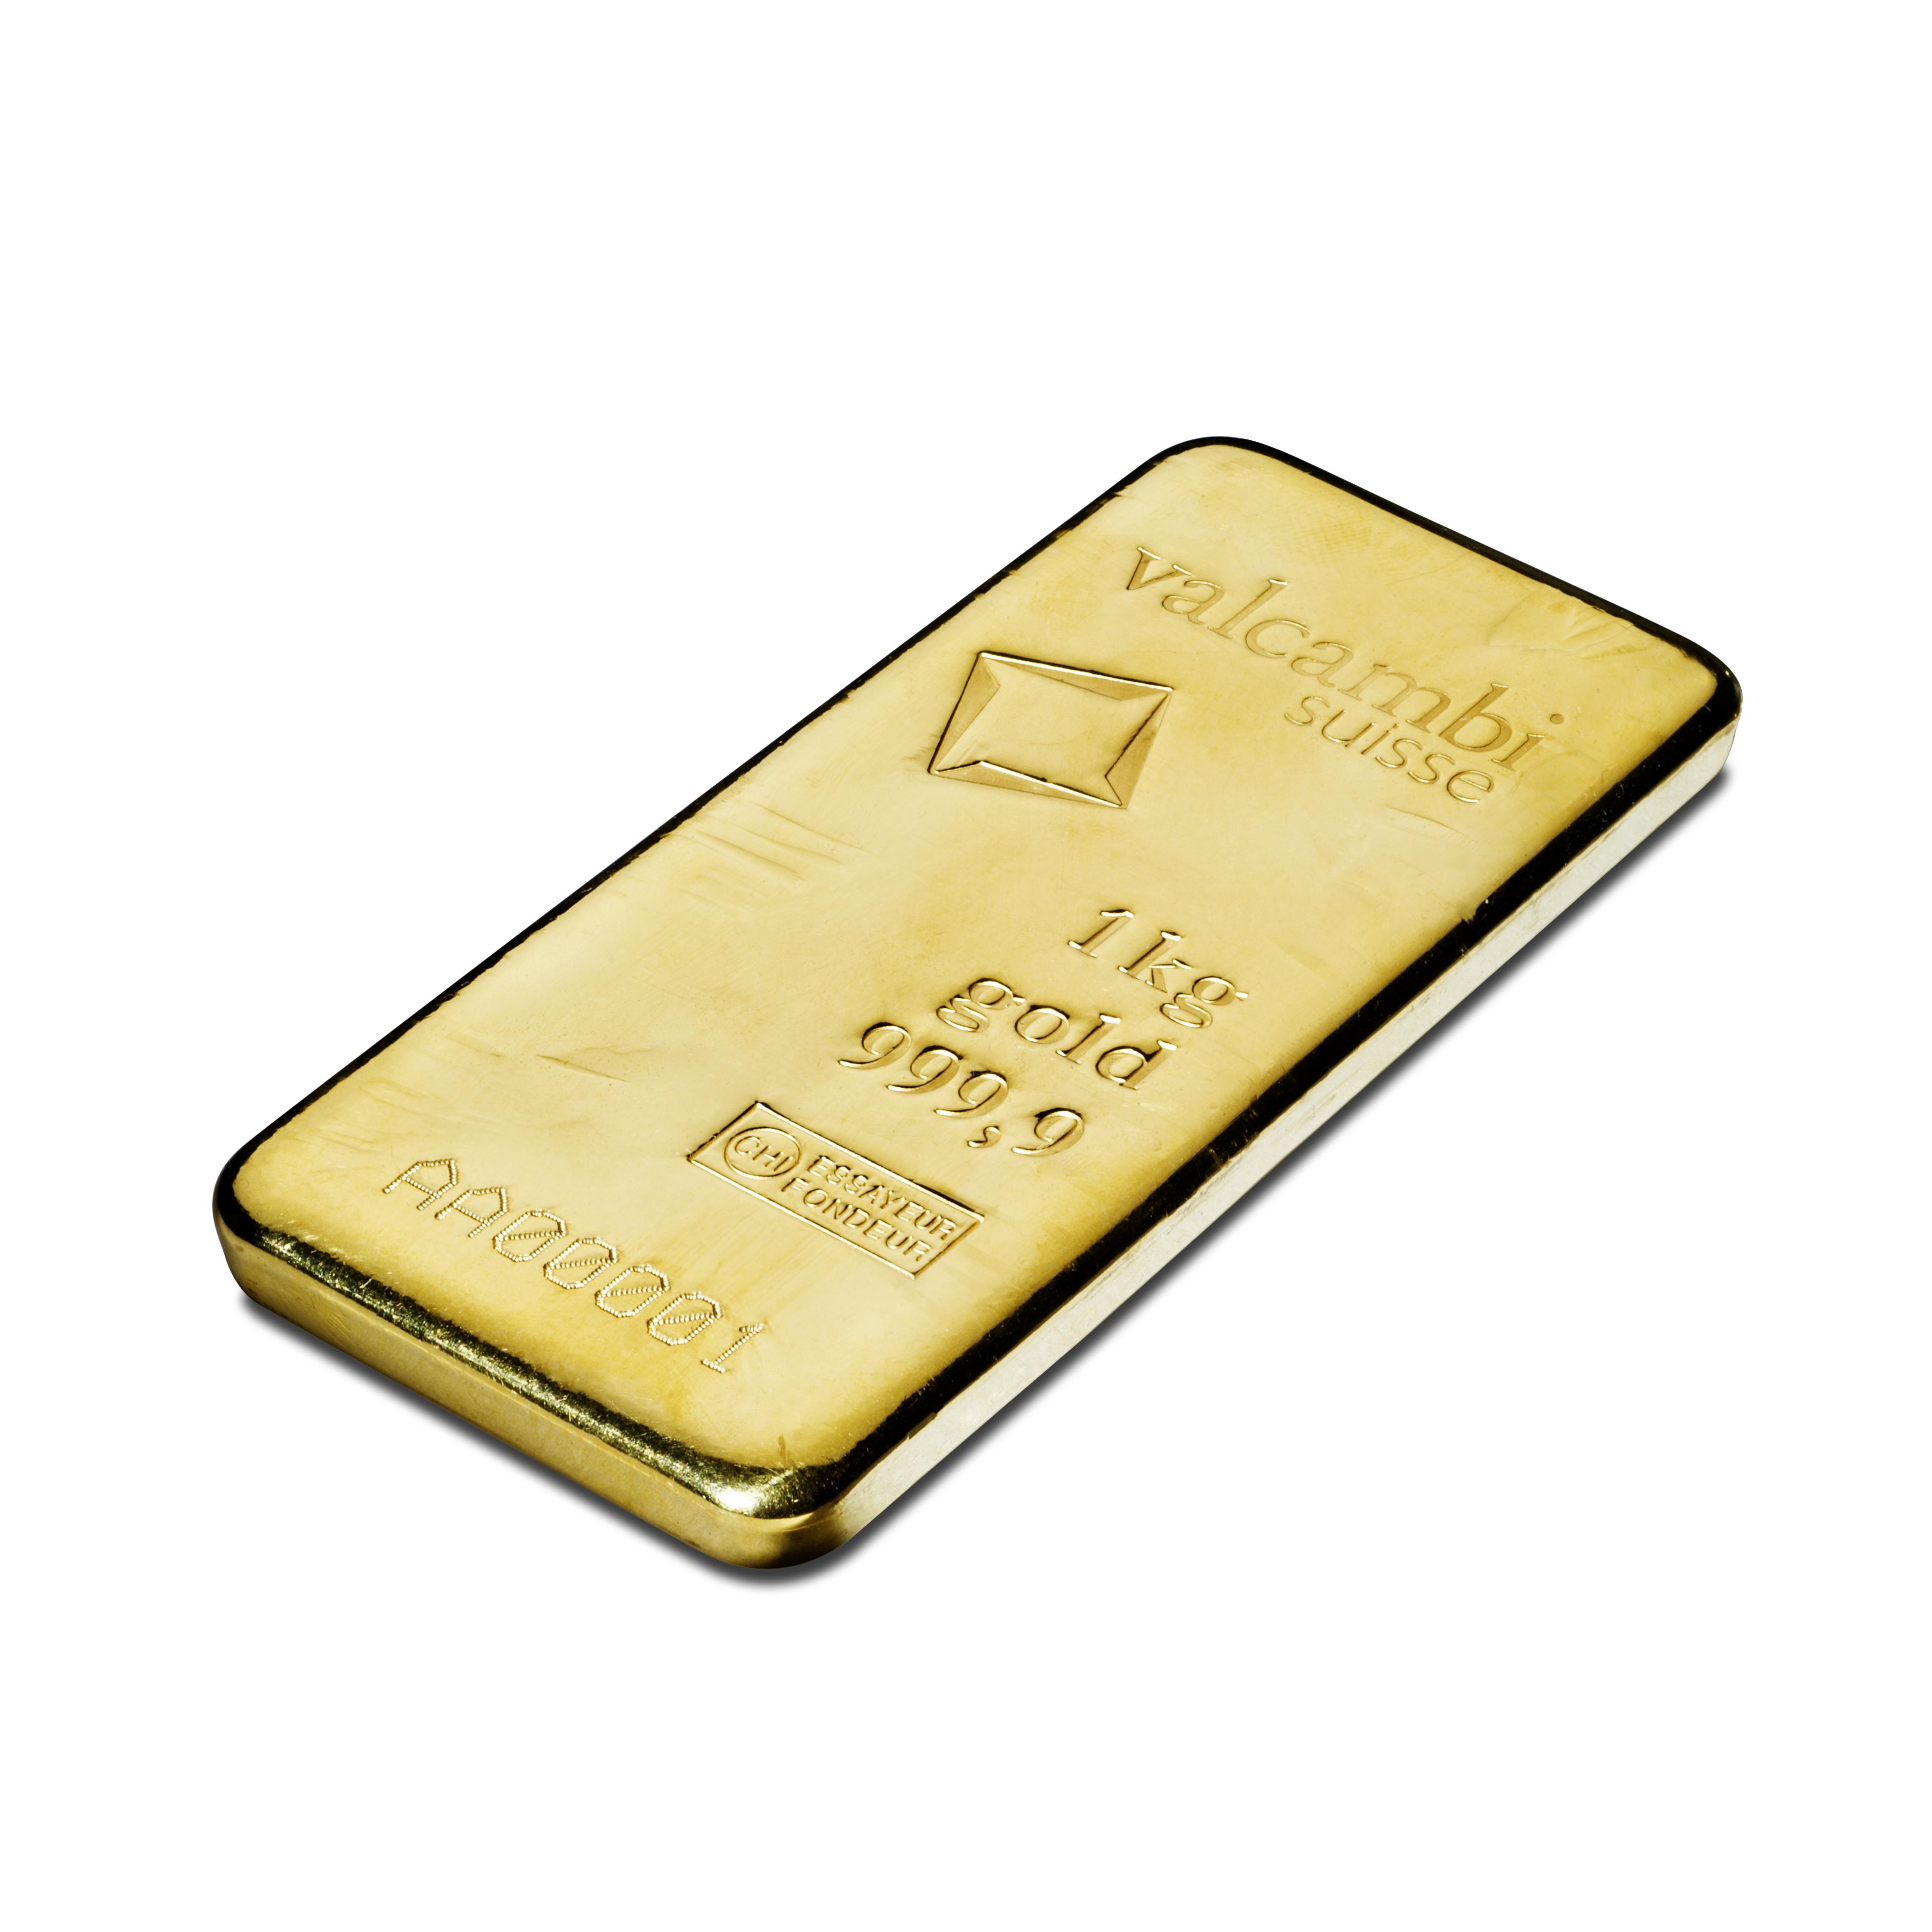 Gold Kilobar 999 9